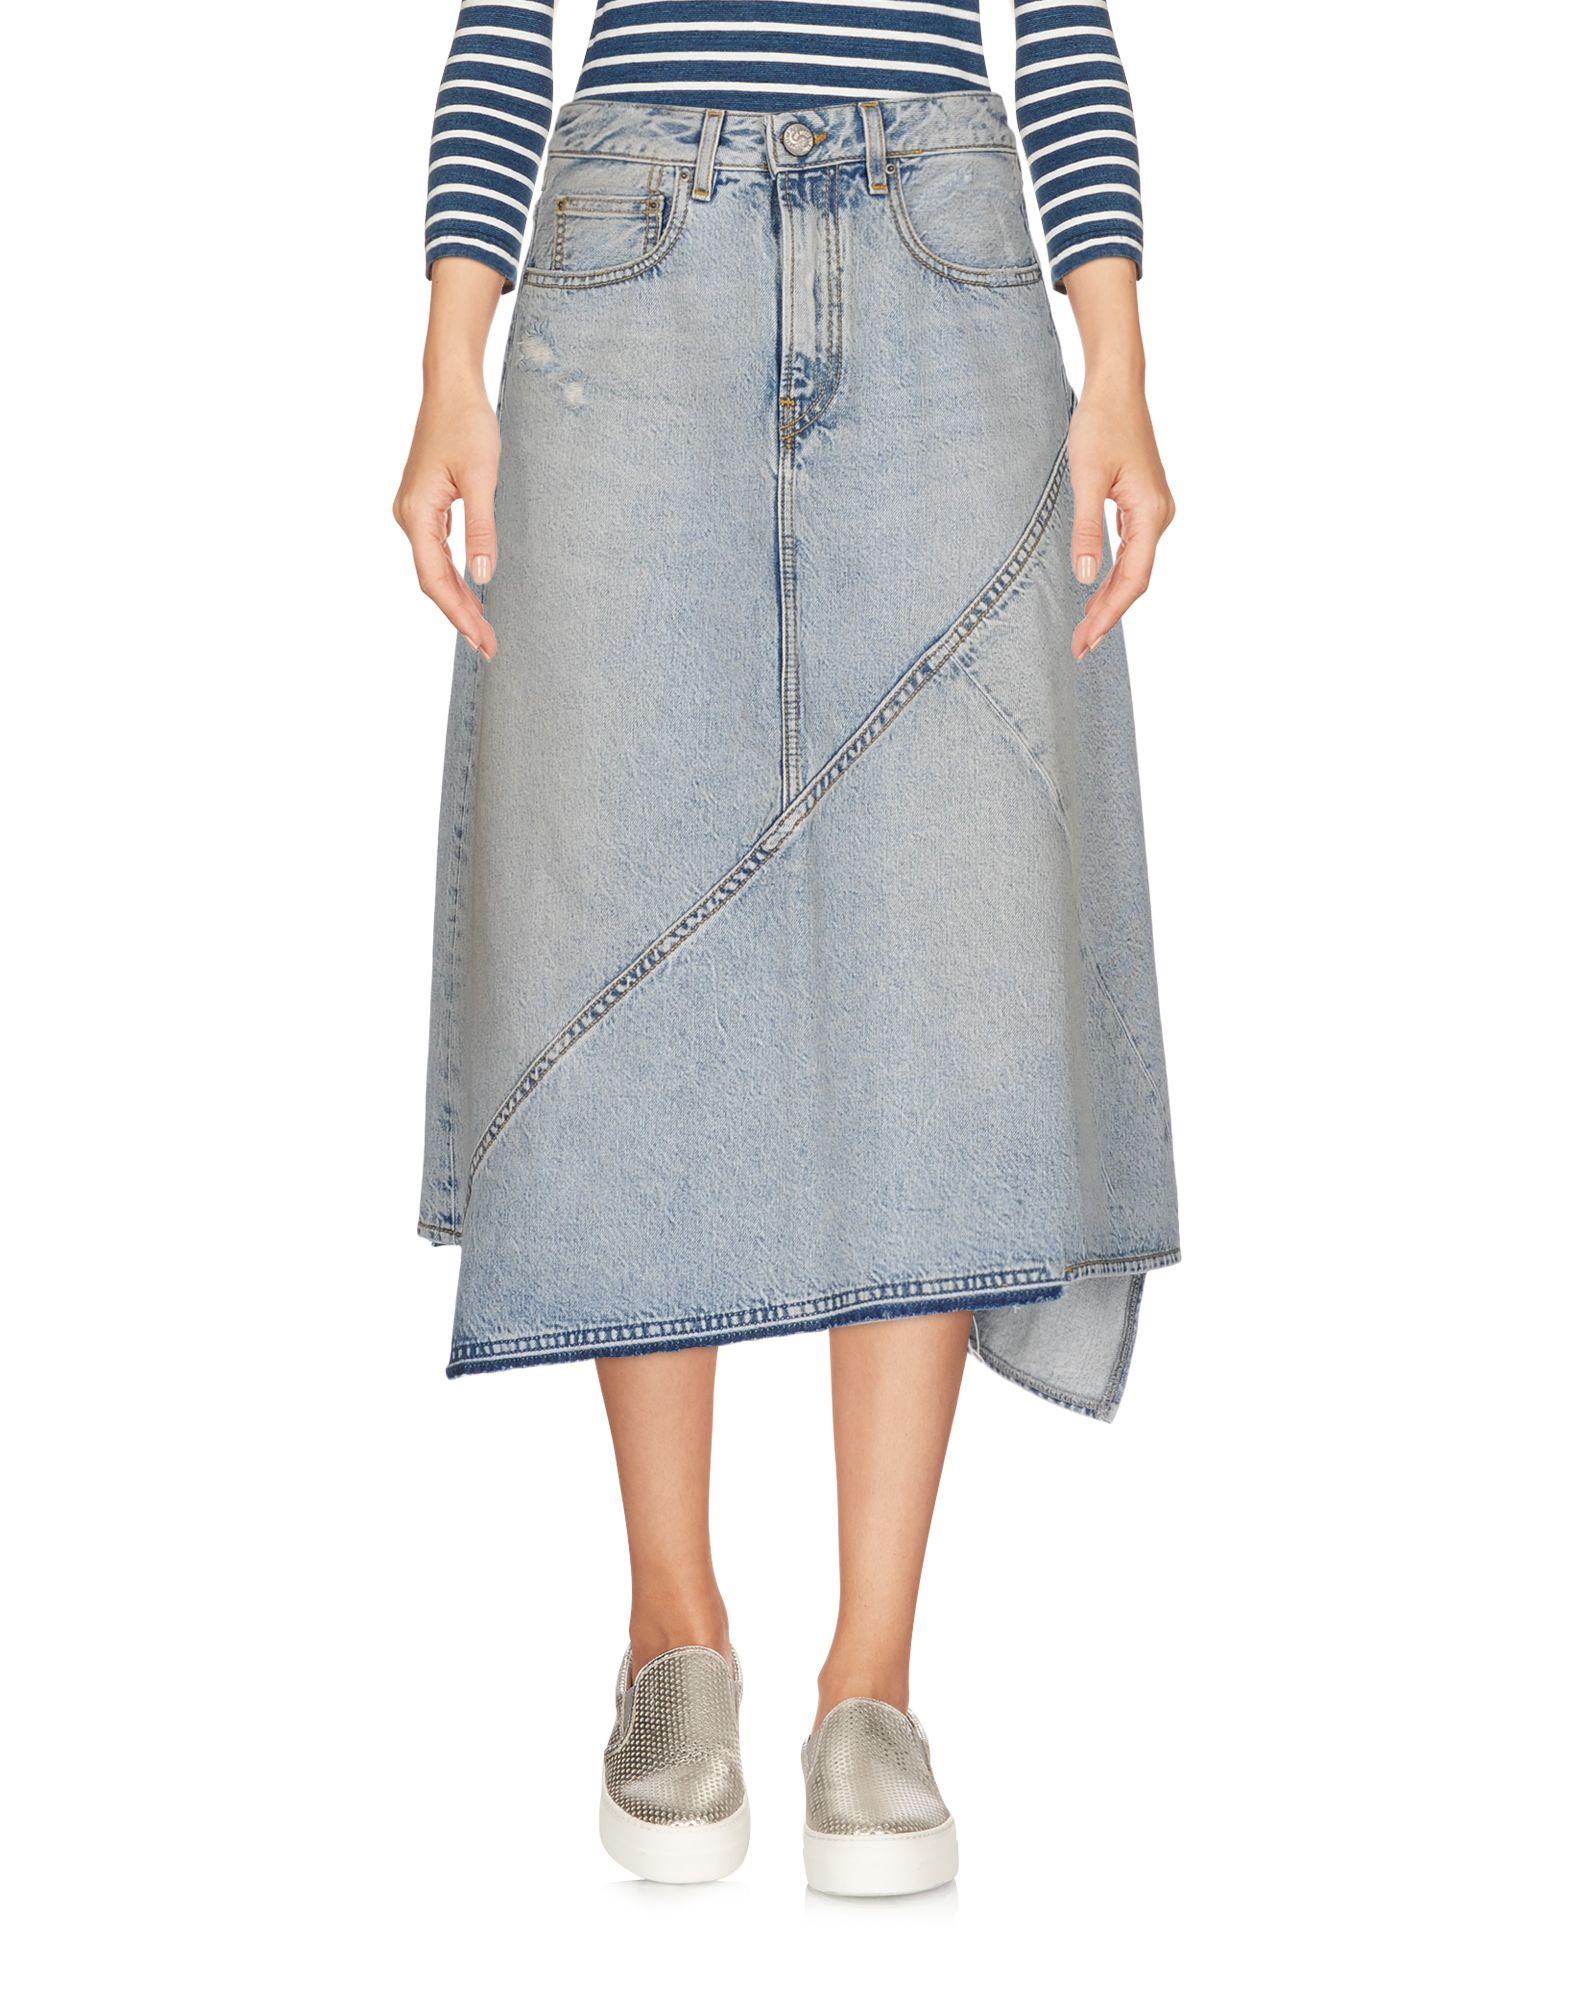 ONEDRESS ONELOVE Джинсовая юбка onedress onelove джинсовая верхняя одежда